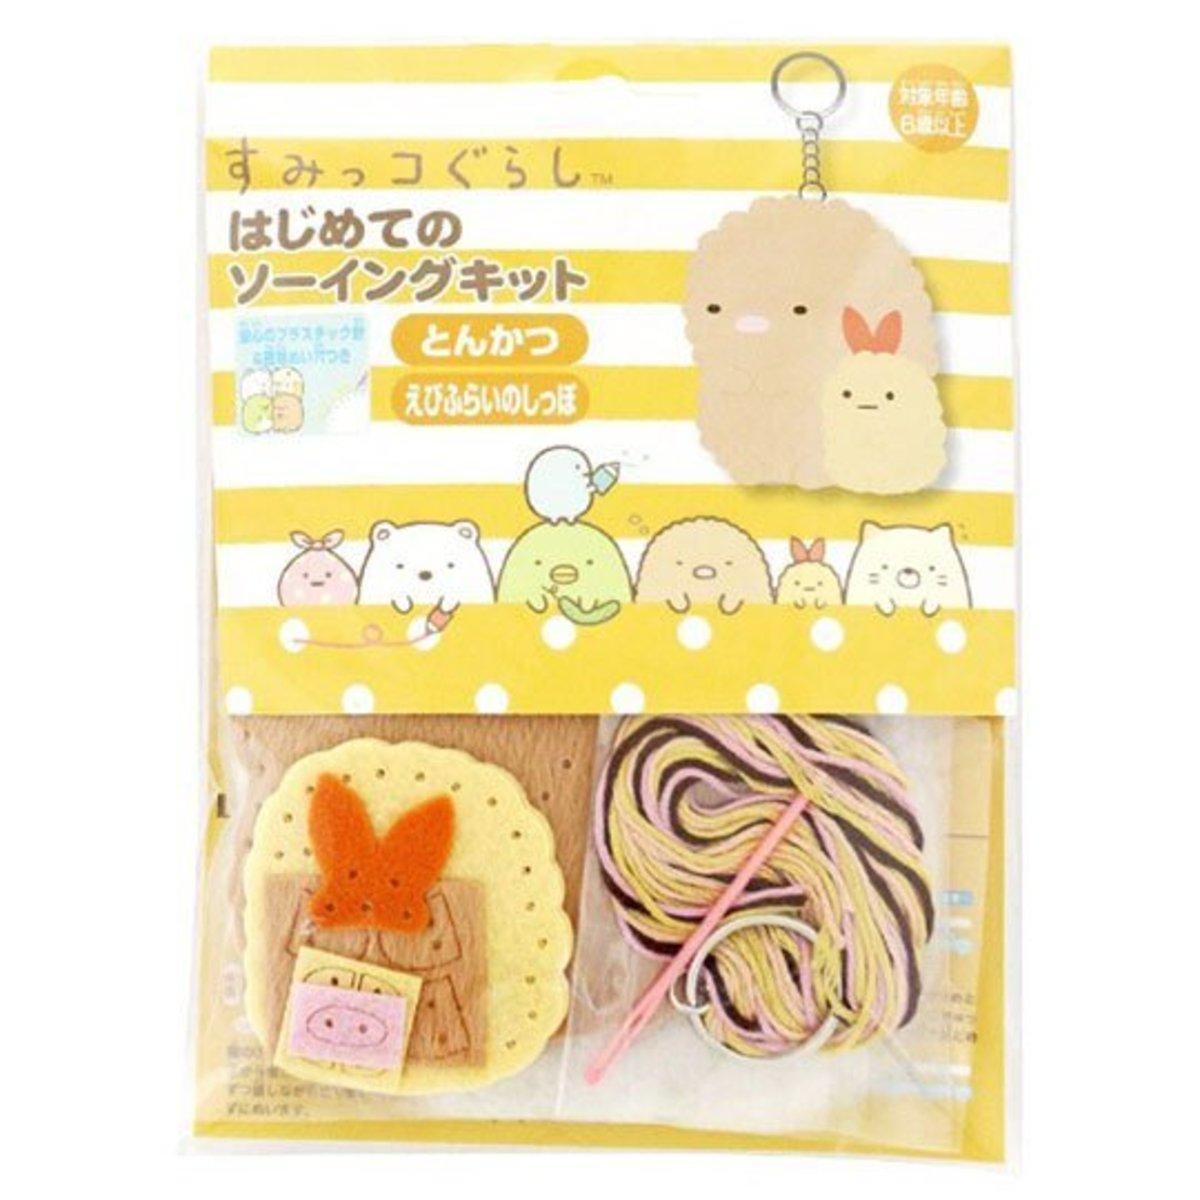 (Fried Pork Chop Styling DIY Charm/Key Chain) Japan Sumikko Gurashi DIY Handmade Doll Charm/Key Chain x 1 Set